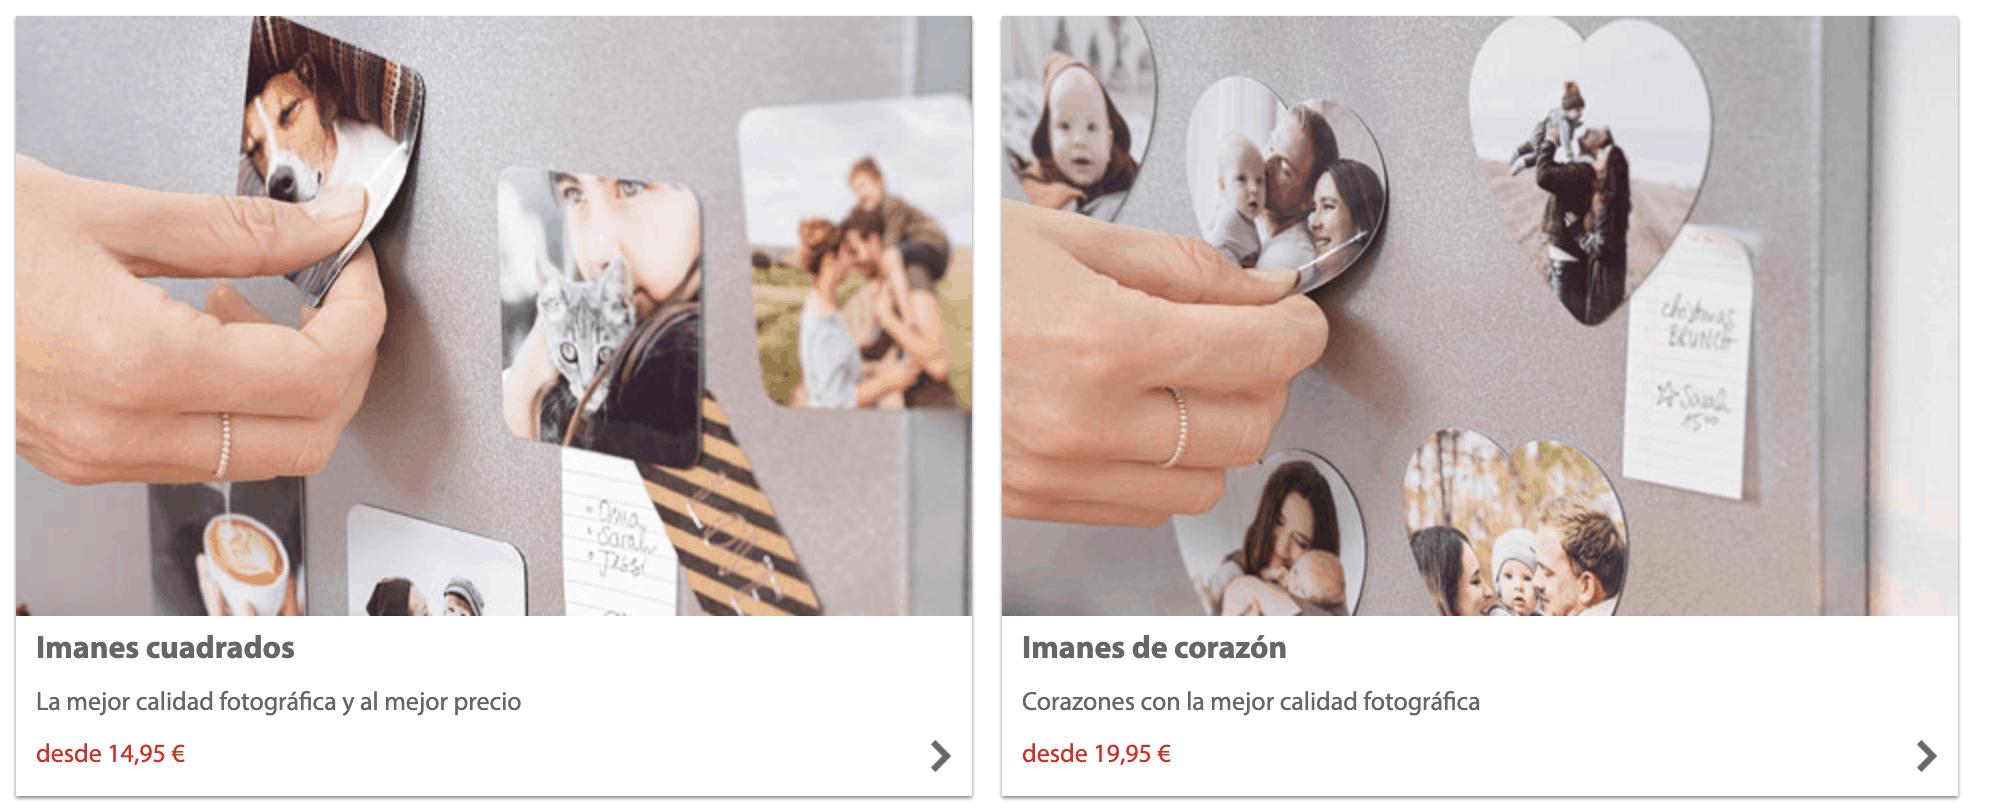 imágenes de imanes de CEWE